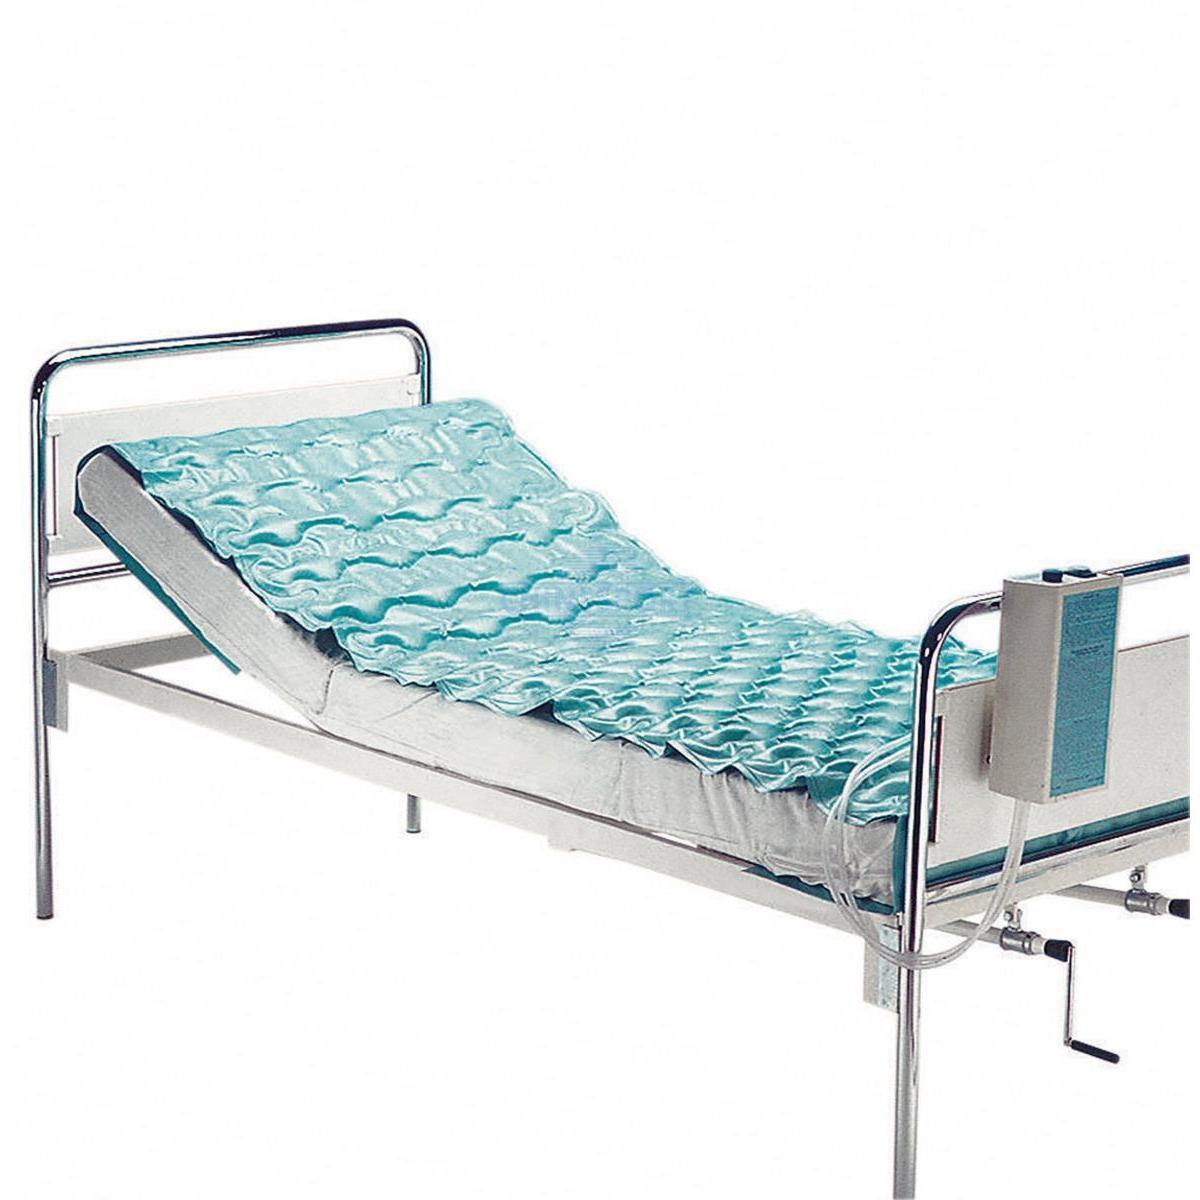 Materasso dotato di compressore per il gonfiaggio. Valido aiuto per la cura e la profilassi contro le piaghe da decubito. Completo di telini per il fissaggio al letto sottostante. Adatto a pazienti fino a kg 100.